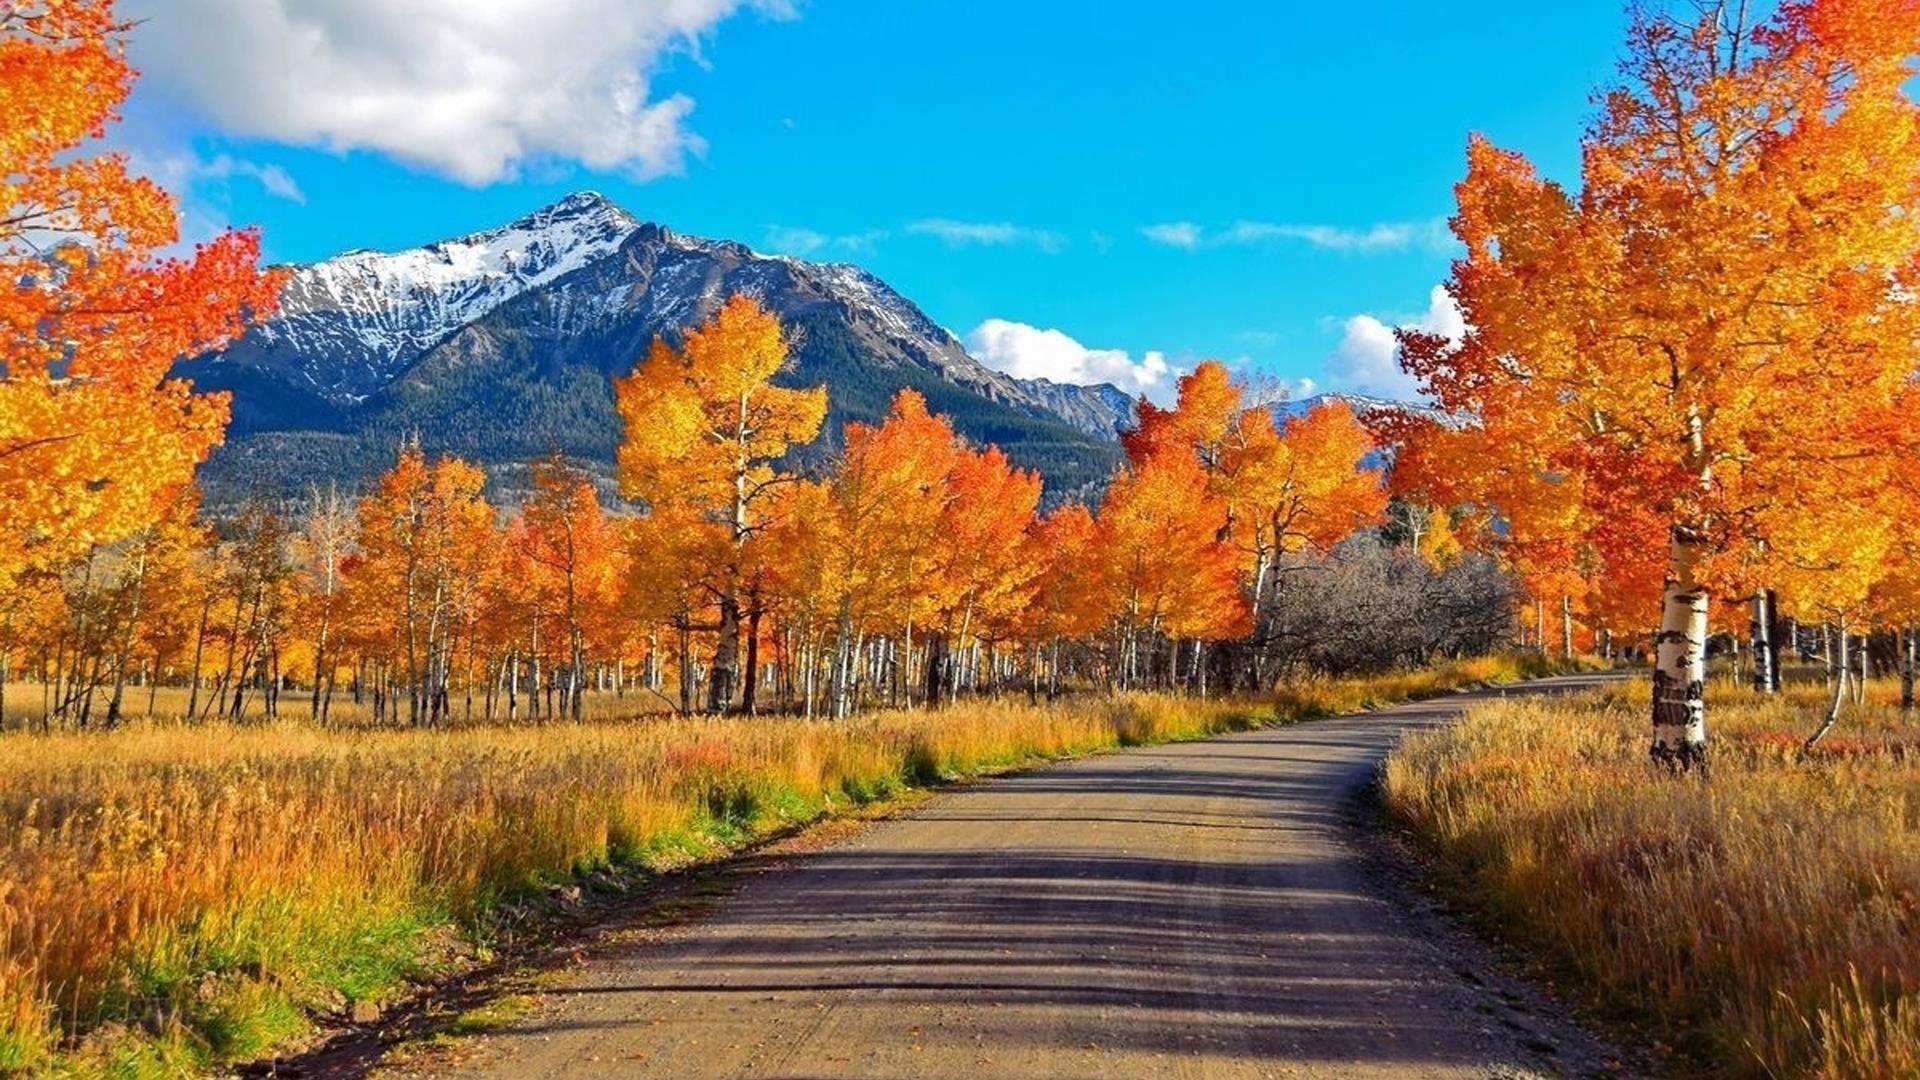 Дорога между желто оранжевыми осенними деревьями и пейзажем белой покрытой горы под белым голубым небом природа обои скачать